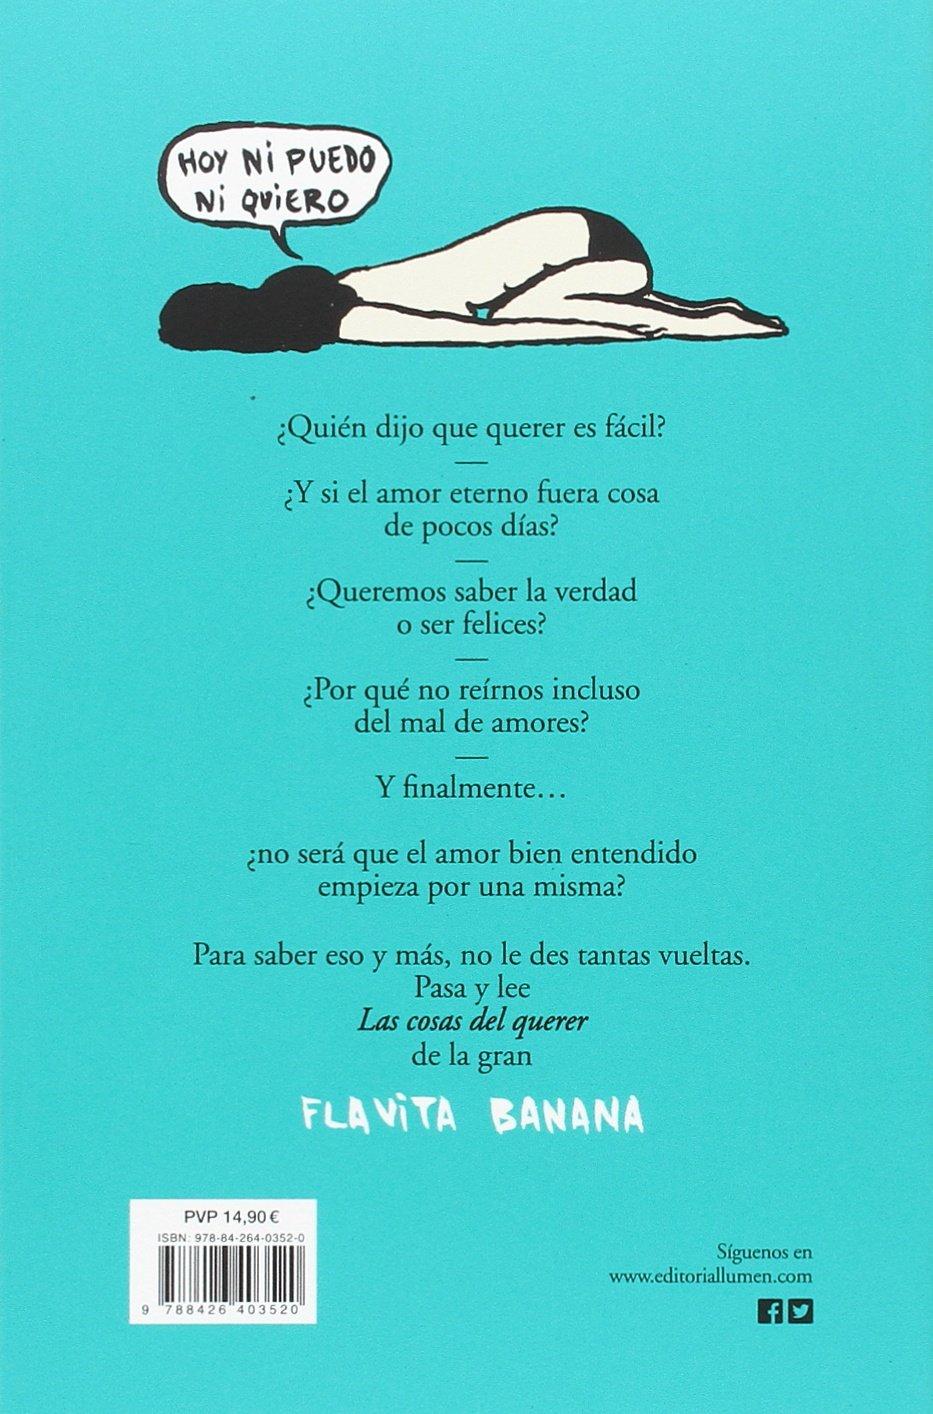 Las cosas del querer (Lumen Gráfica): Amazon.es: Banana, Flavita ...